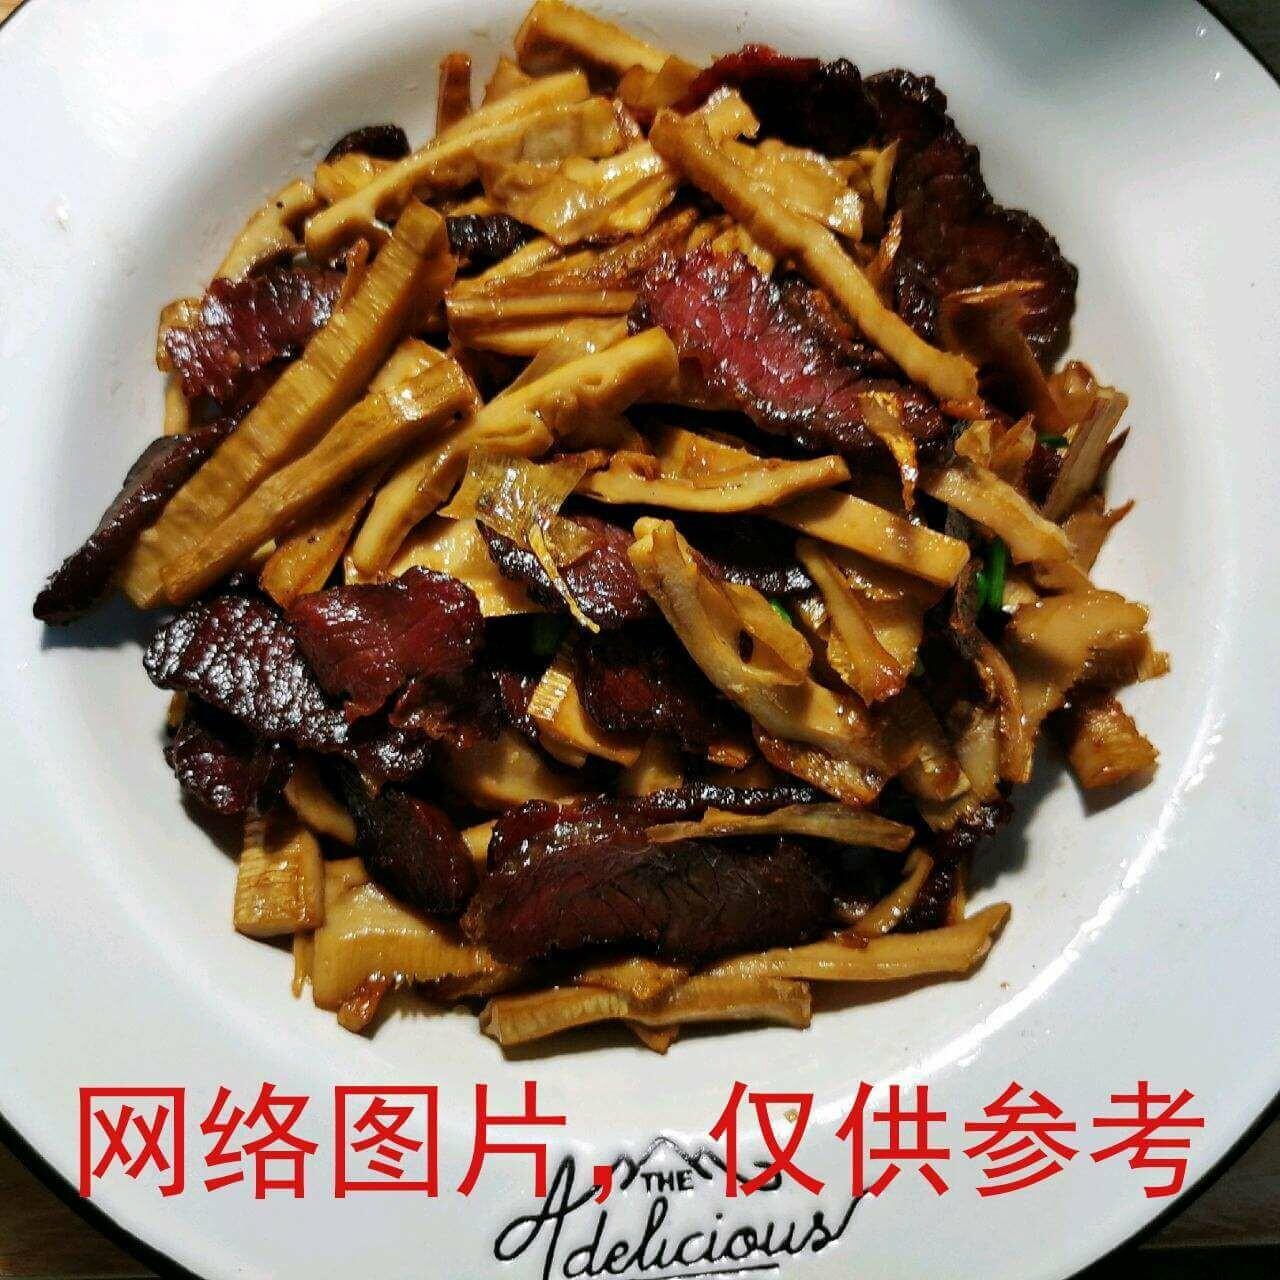 【滋味湖南】Sauteed Beef with Dried Bamboo shoot笋干炒腊牛肉